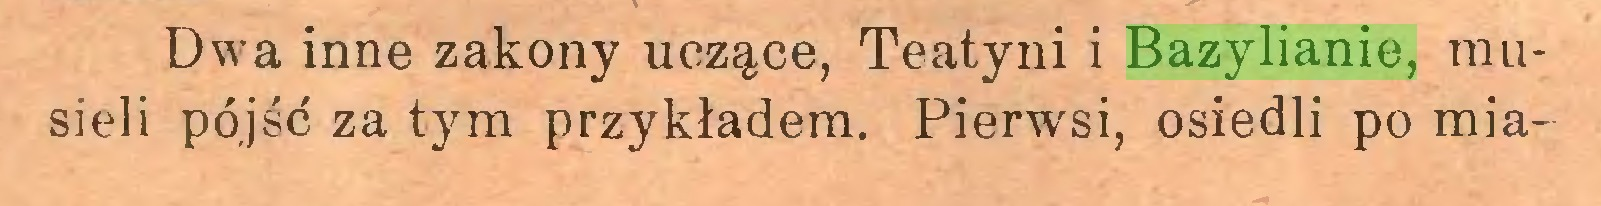 (...) Dwa inne zakony uczące, Teatyni i Bazylianie, musieli pójść za tym przykładem. Pierwsi, osiedli po mia...